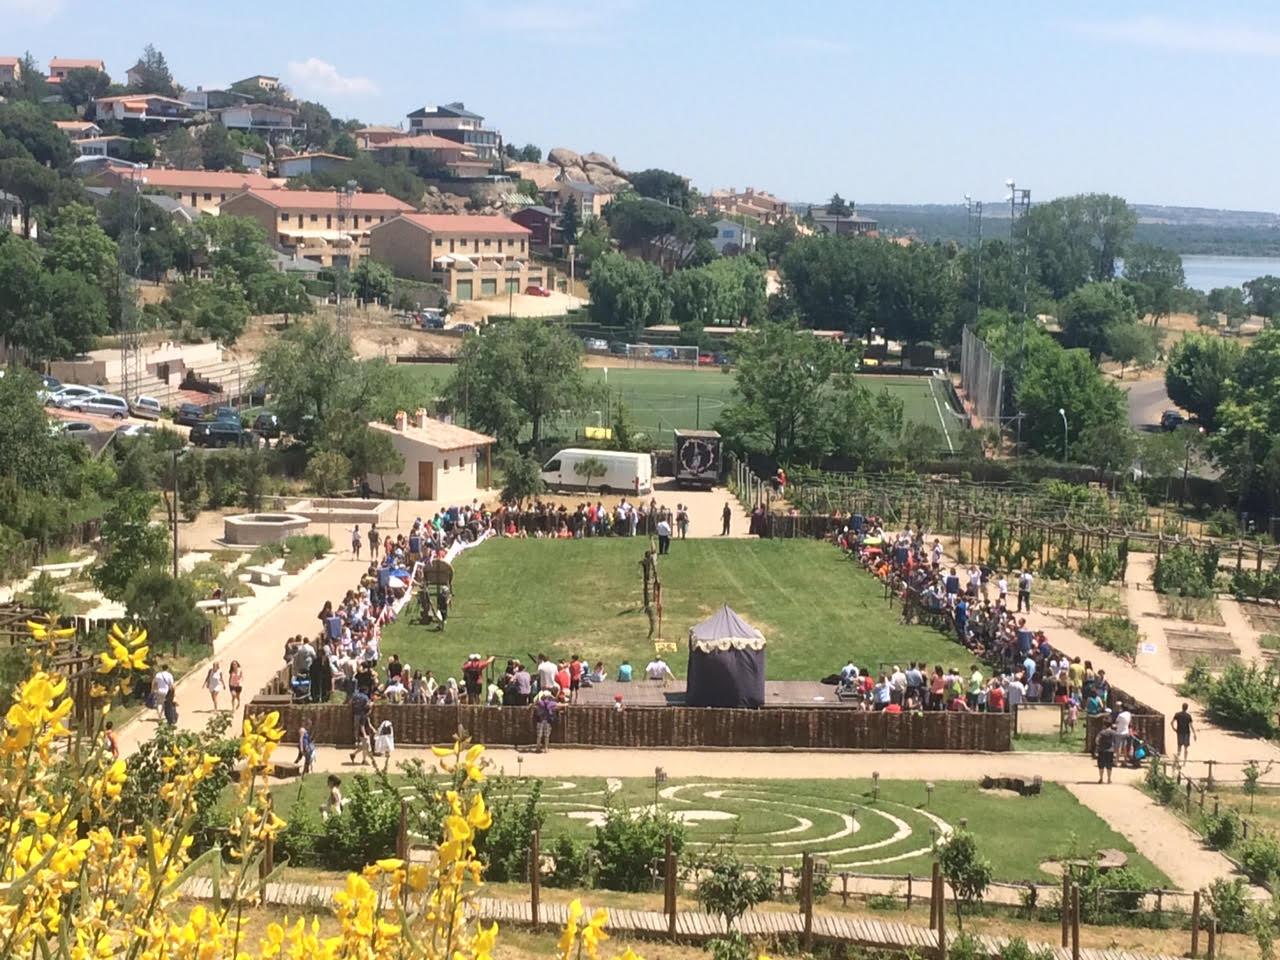 Viendo el torneo en el Castillo de Manzanares el Real (Madrid)